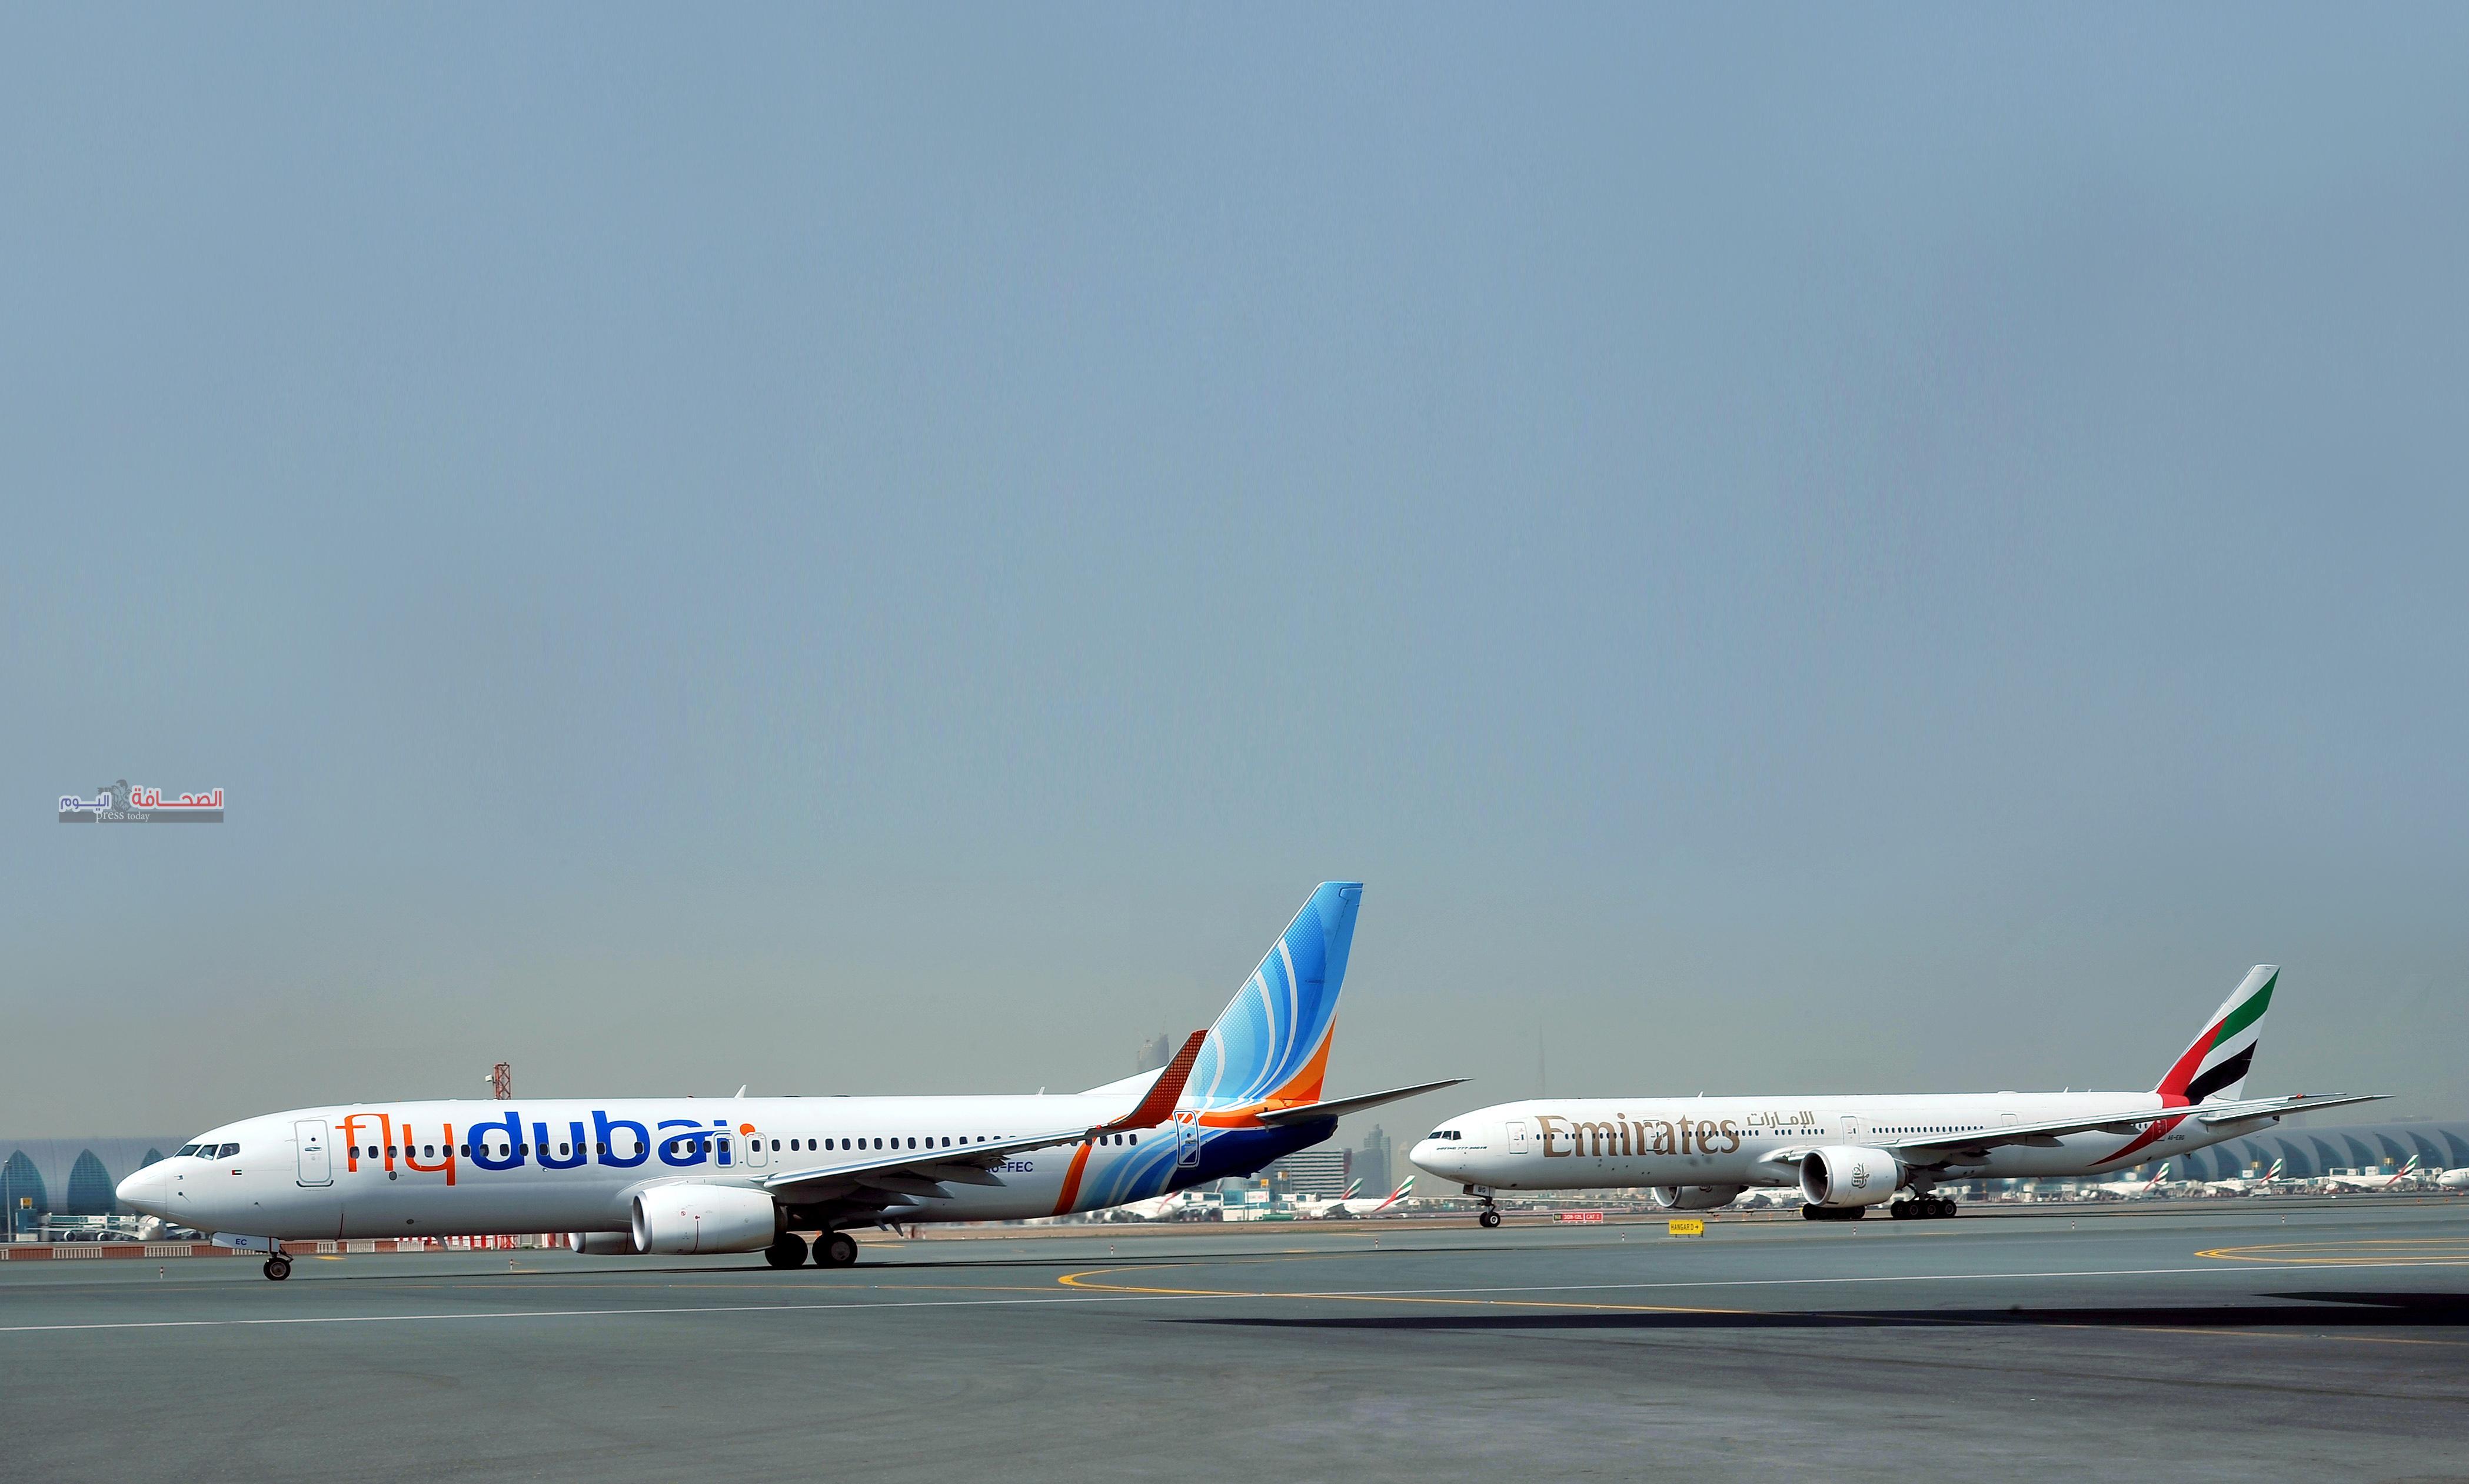 طيران الإمارات وفلاي دبي تعلنان عن الدفعة الثانية من وجهات الرمز المشترك